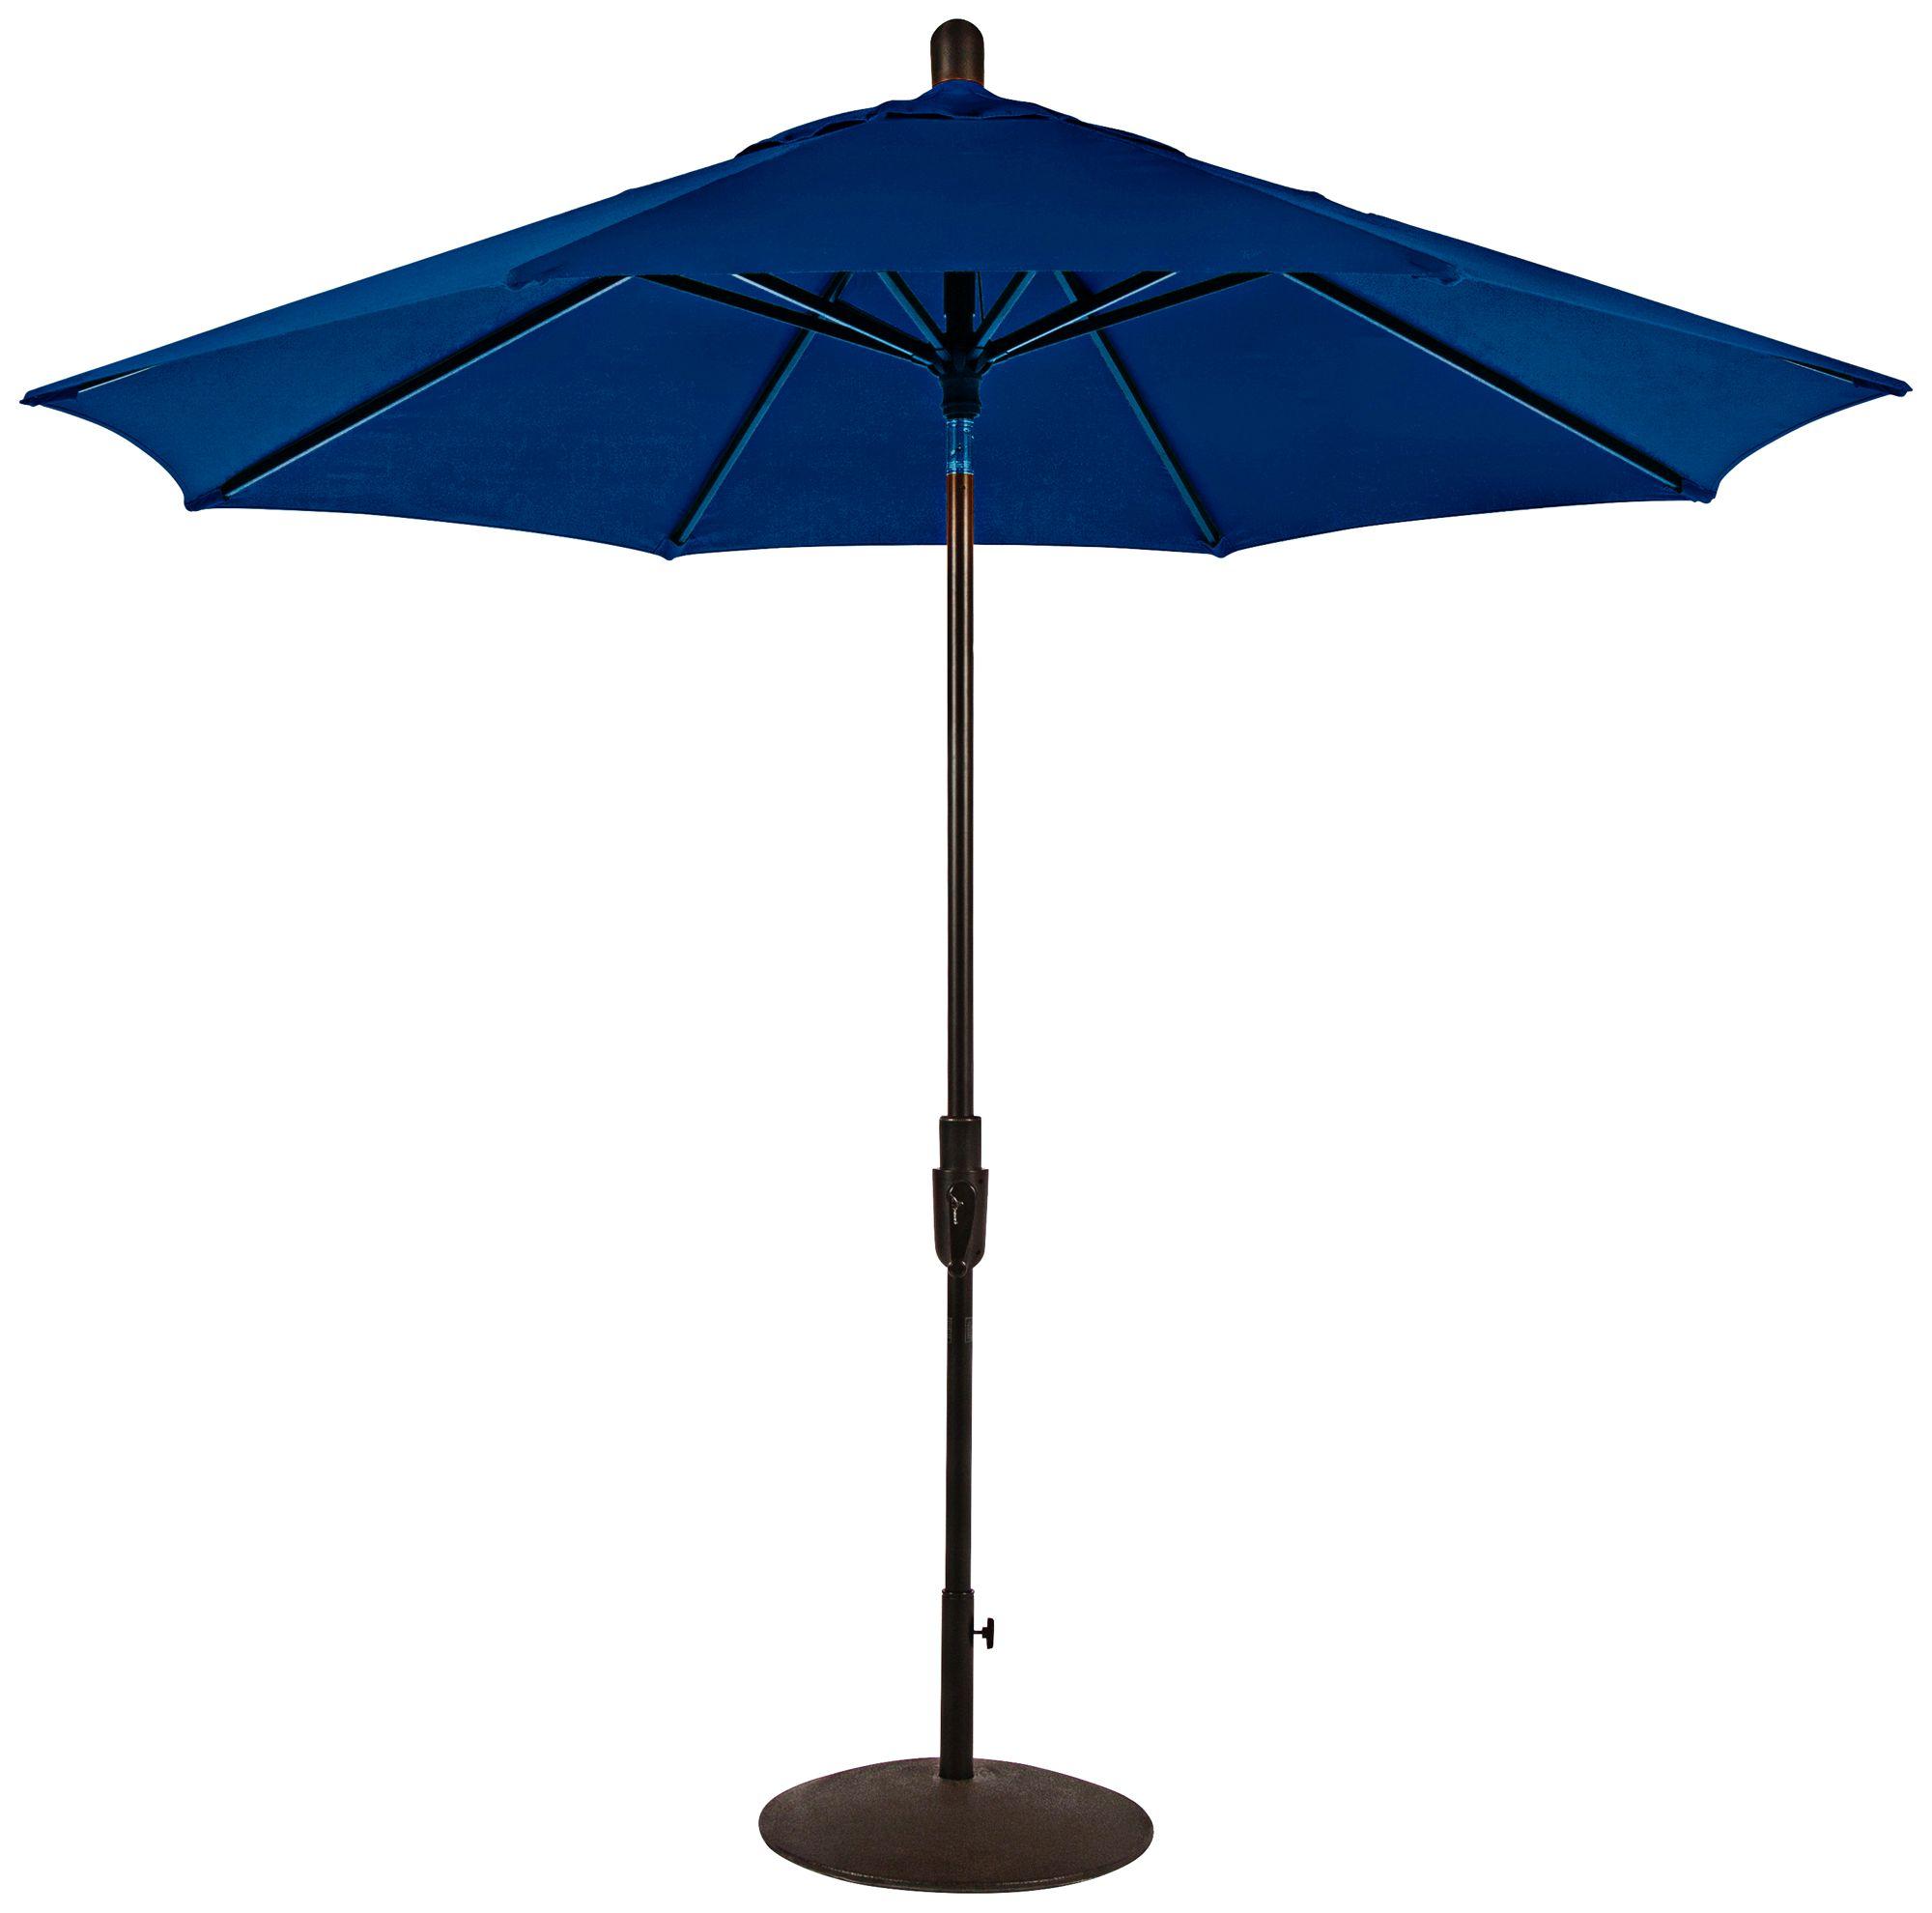 Bon Zuma Shore 8 3/4 Foot Pacific Blue Sunbrella Patio Umbrella